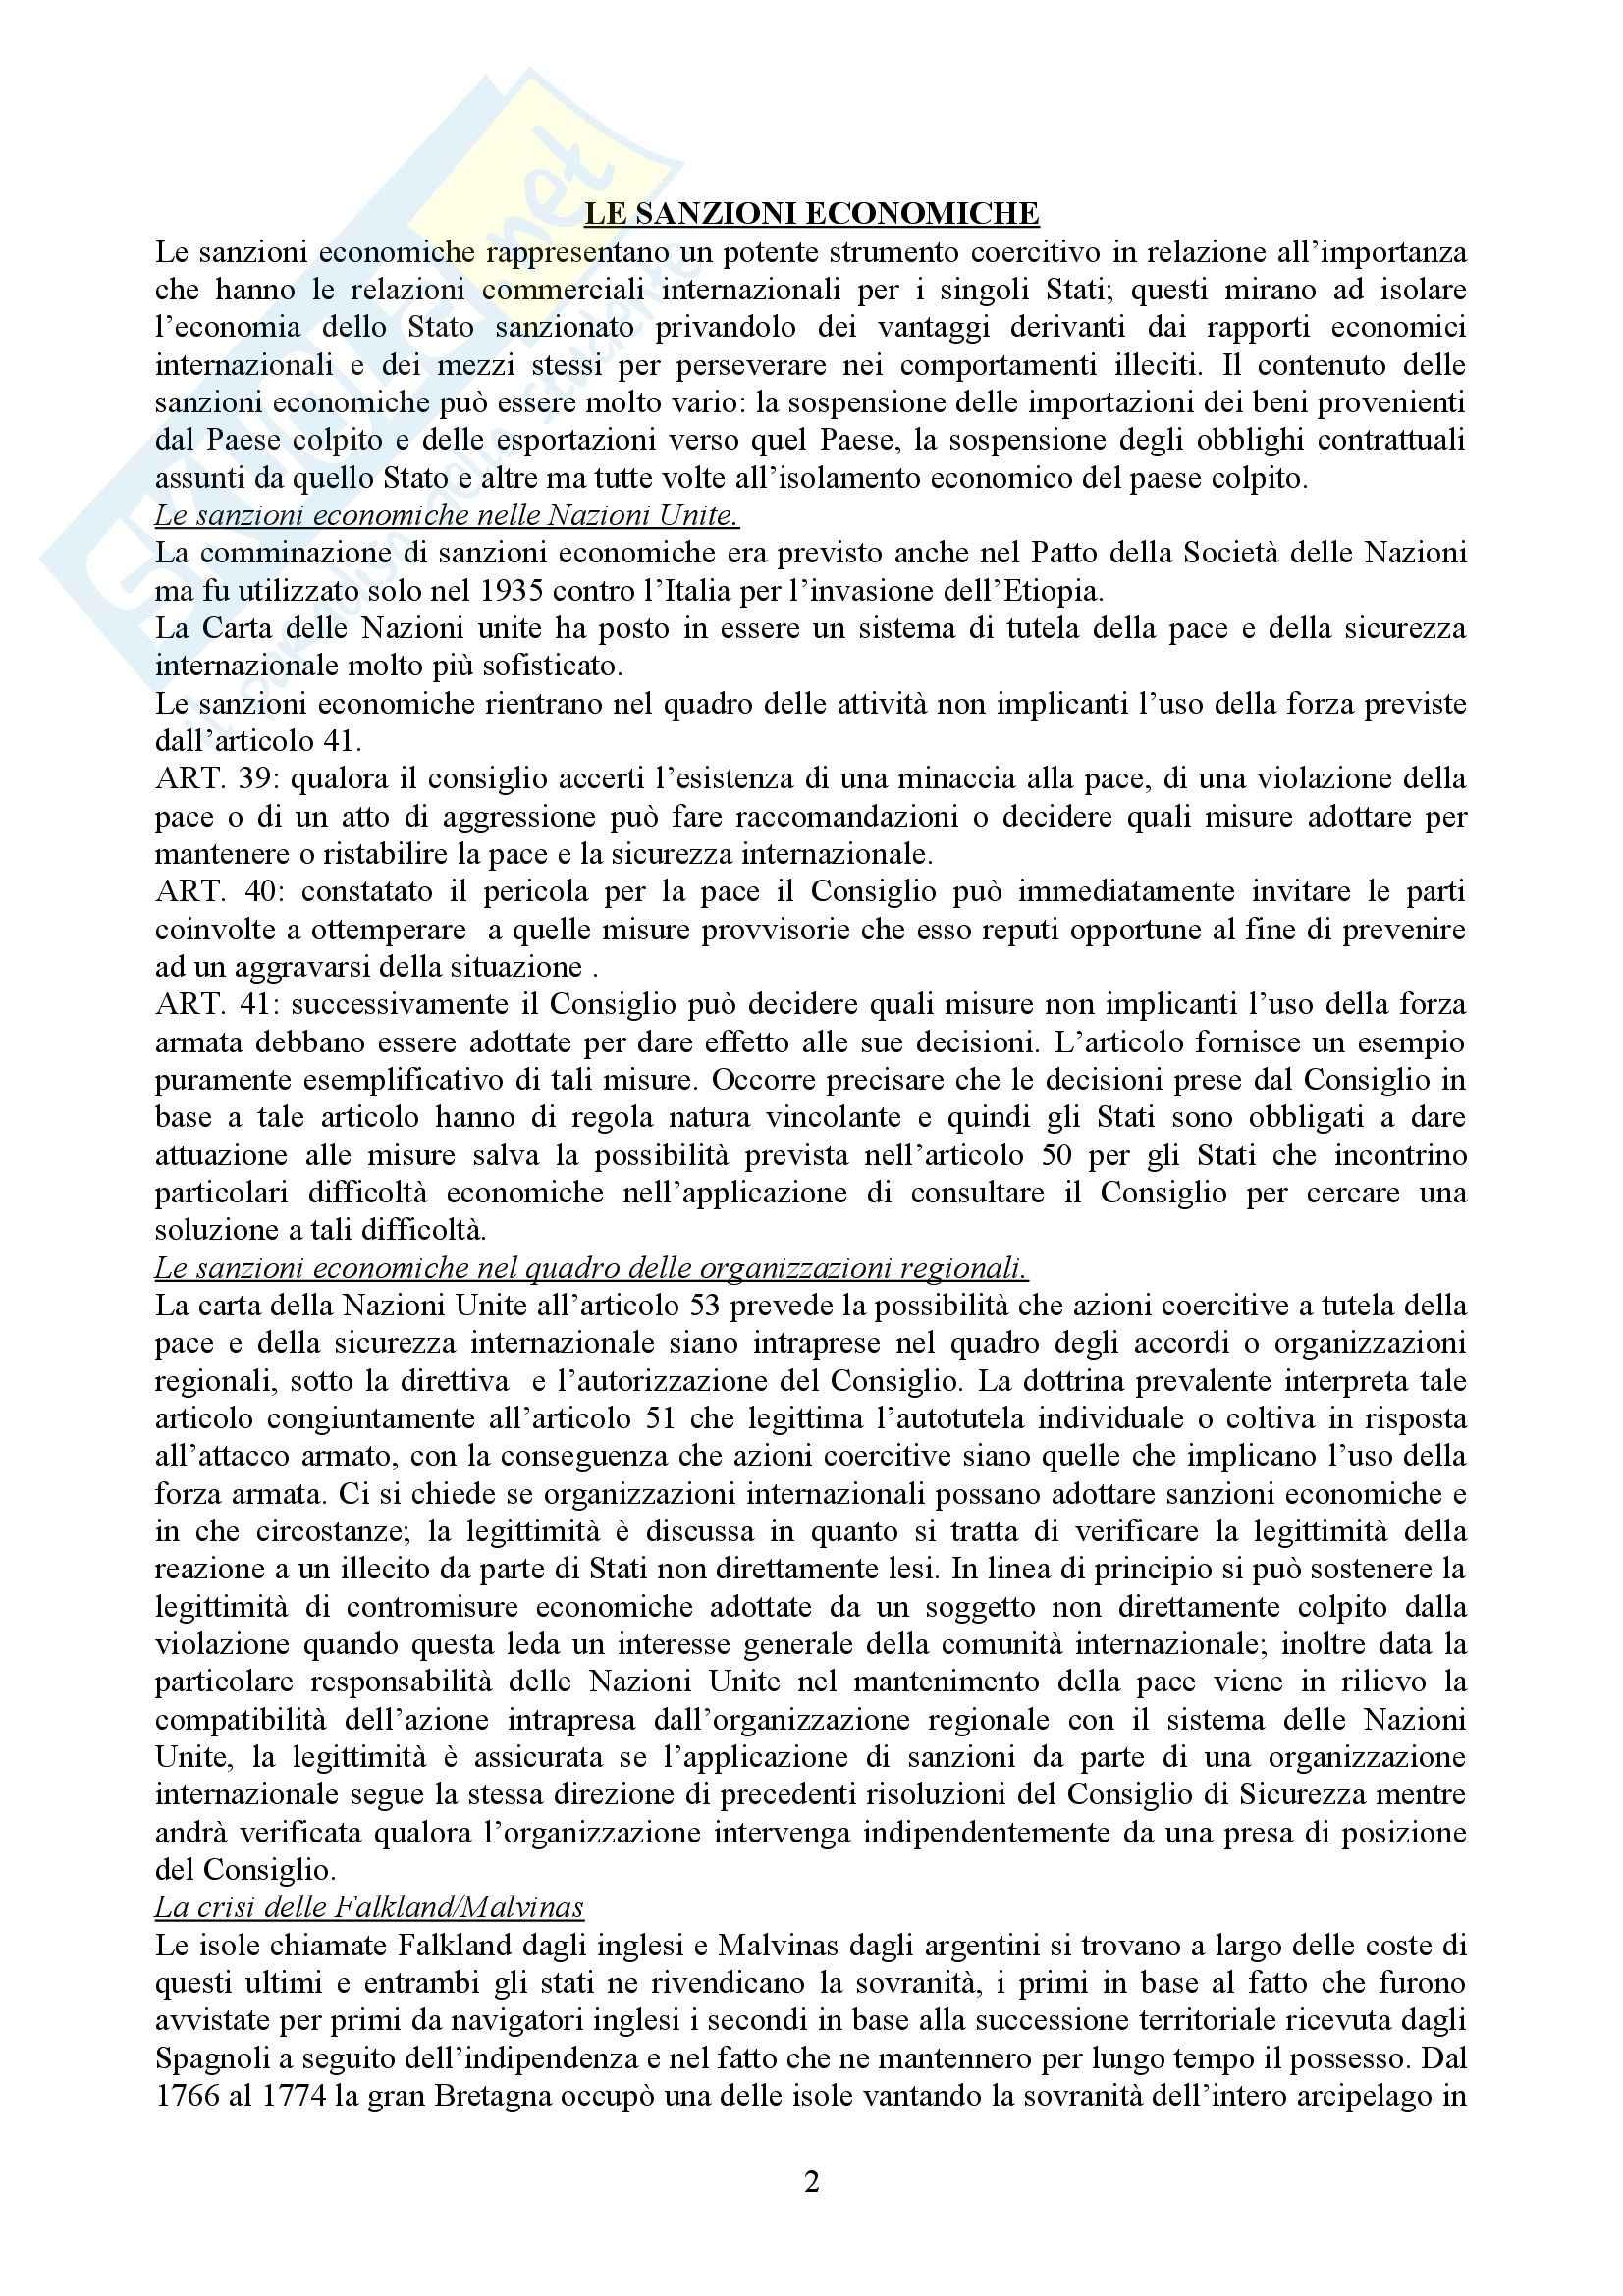 Diritto Internazionale - lezioni parte seconda Pag. 2